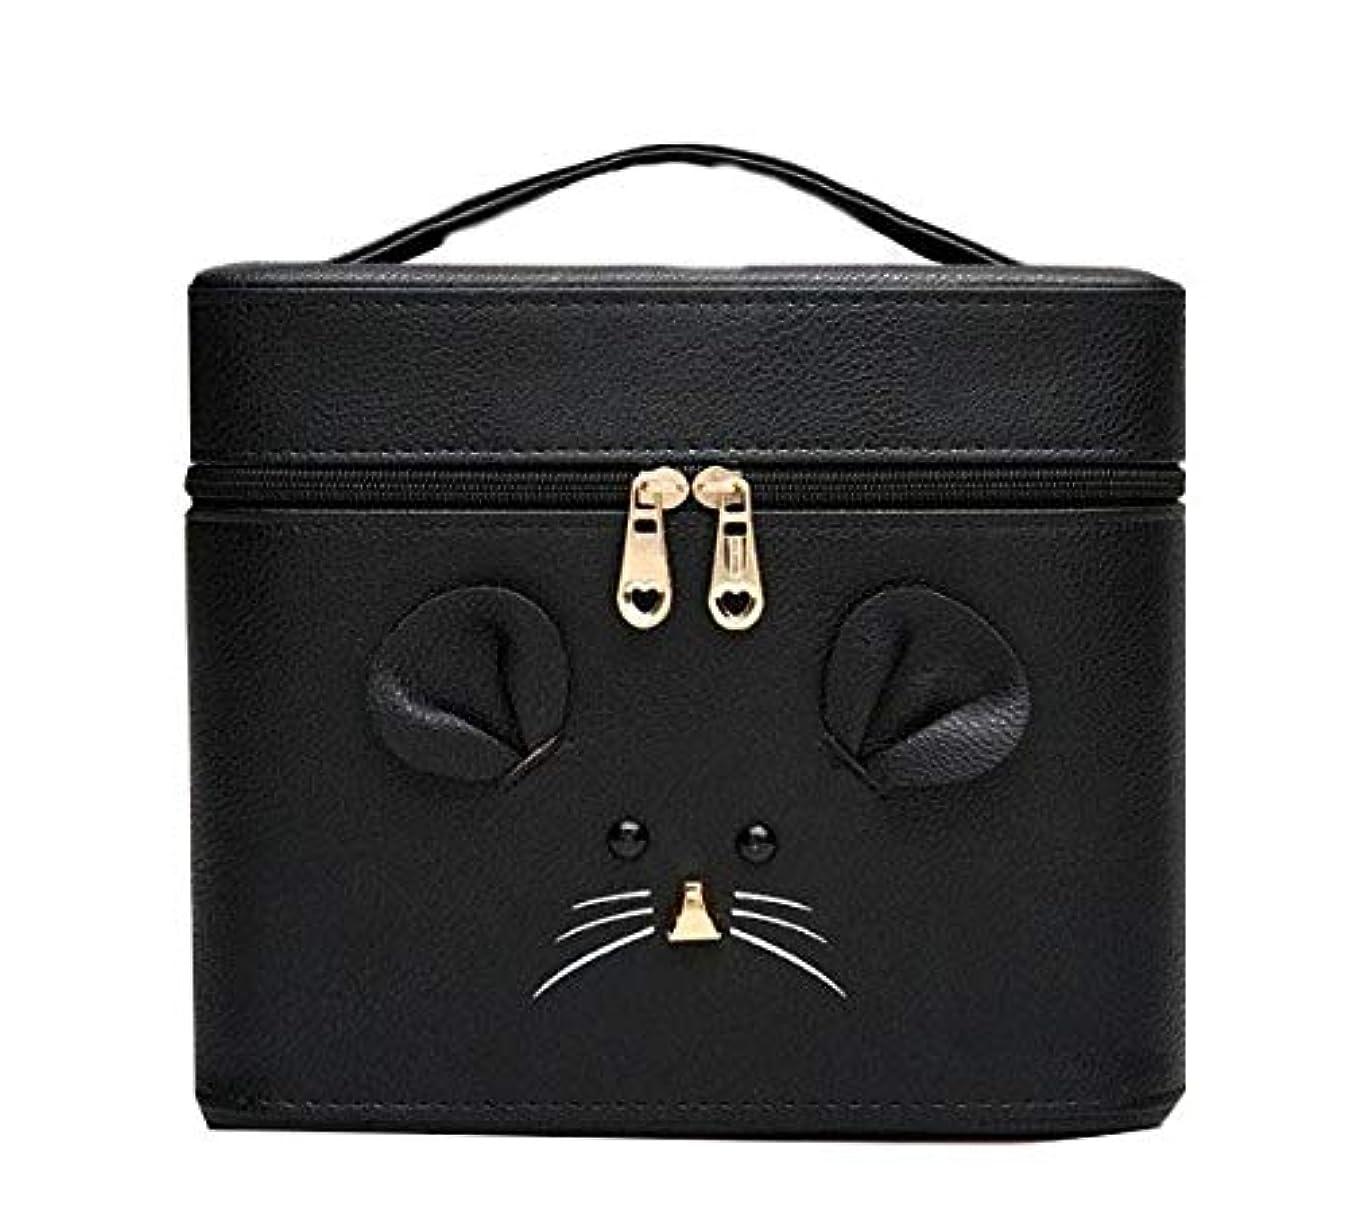 プレフィックス過剰腐った化粧箱、黒漫画のマウス化粧ケース、ポータブル旅行化粧品ケース、美容ネイルジュエリー収納ボックス (Size : S)